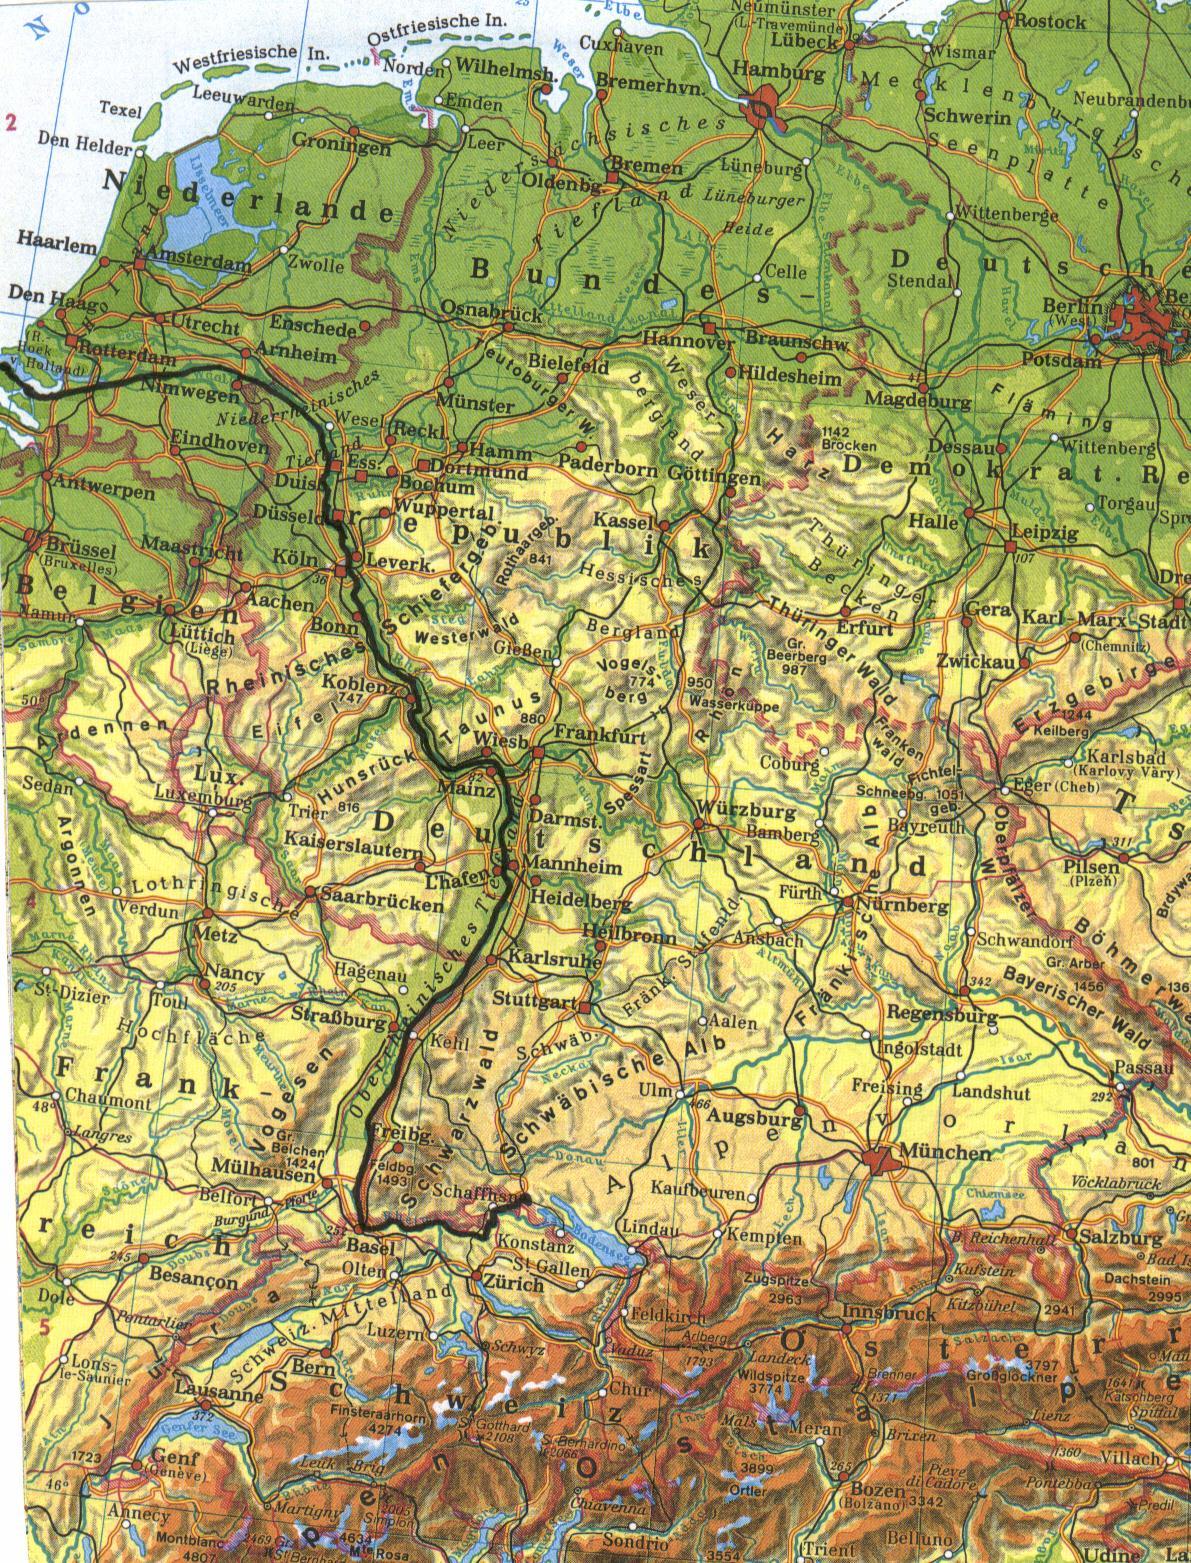 der rhein karte Rhein Karte | Forum Erdkunde